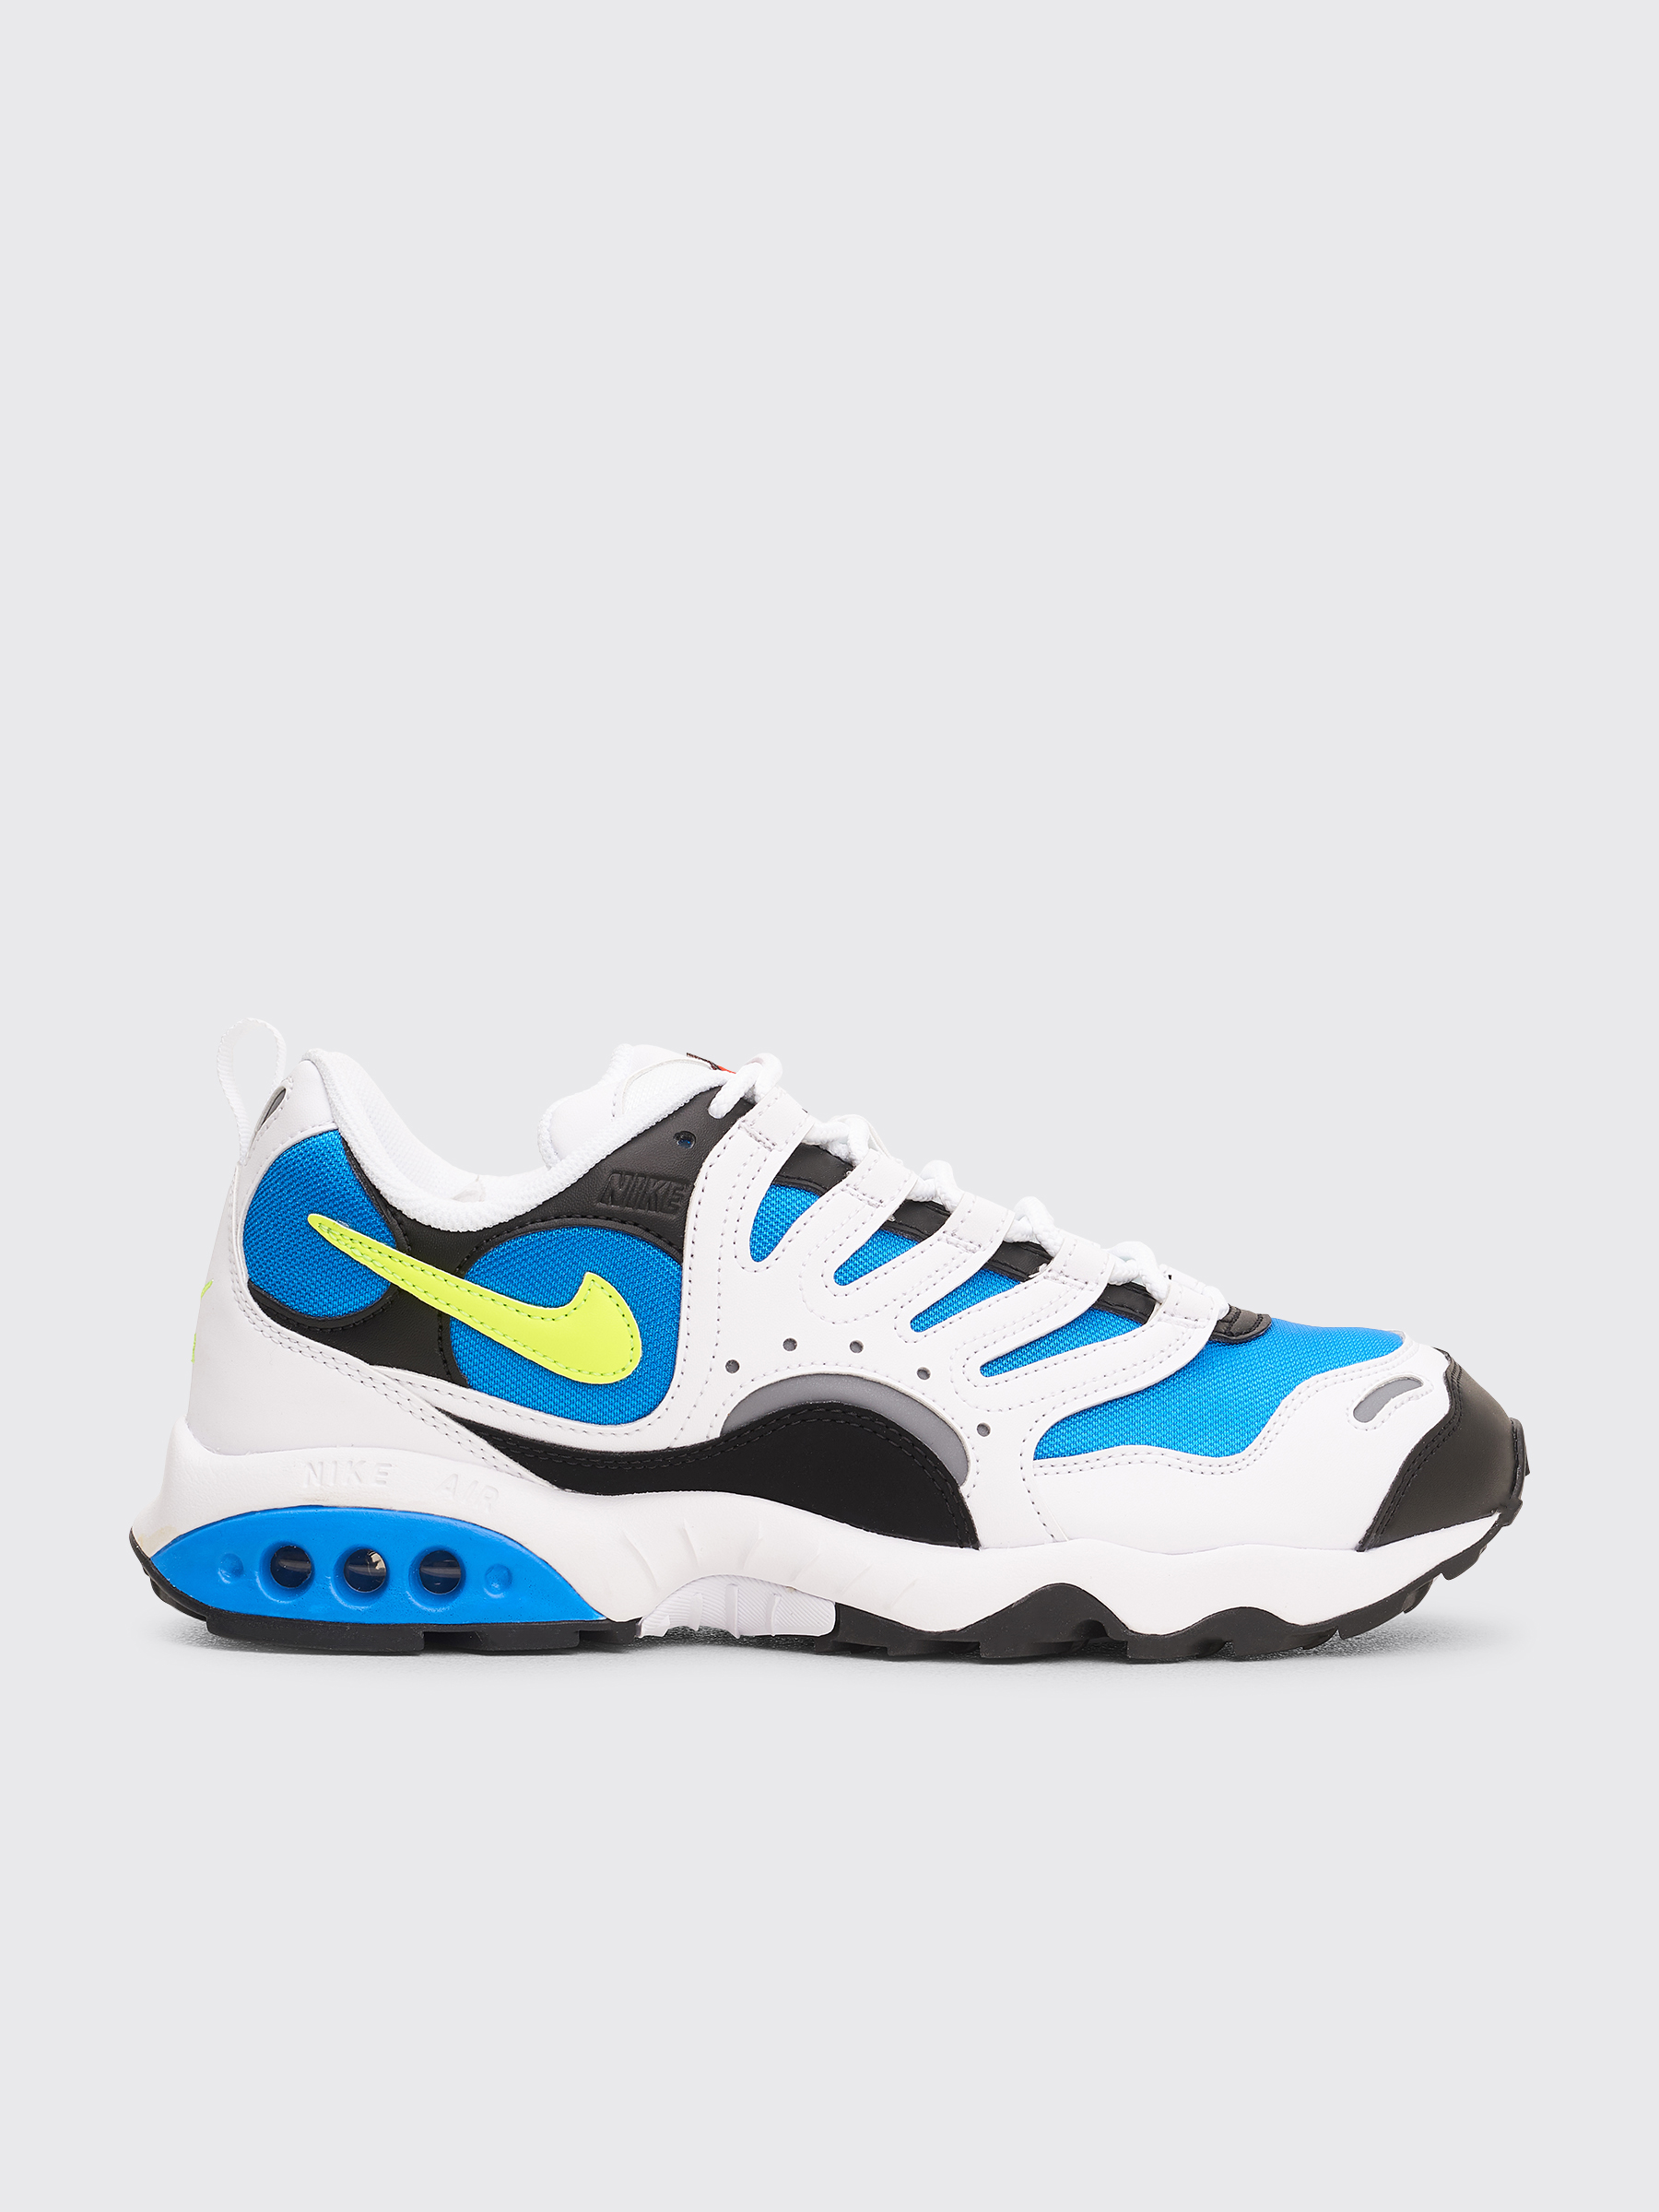 huge discount 9b727 d1a41 Très Bien - Nike Air Terra Humara 18 White  Volt  Photo Blue